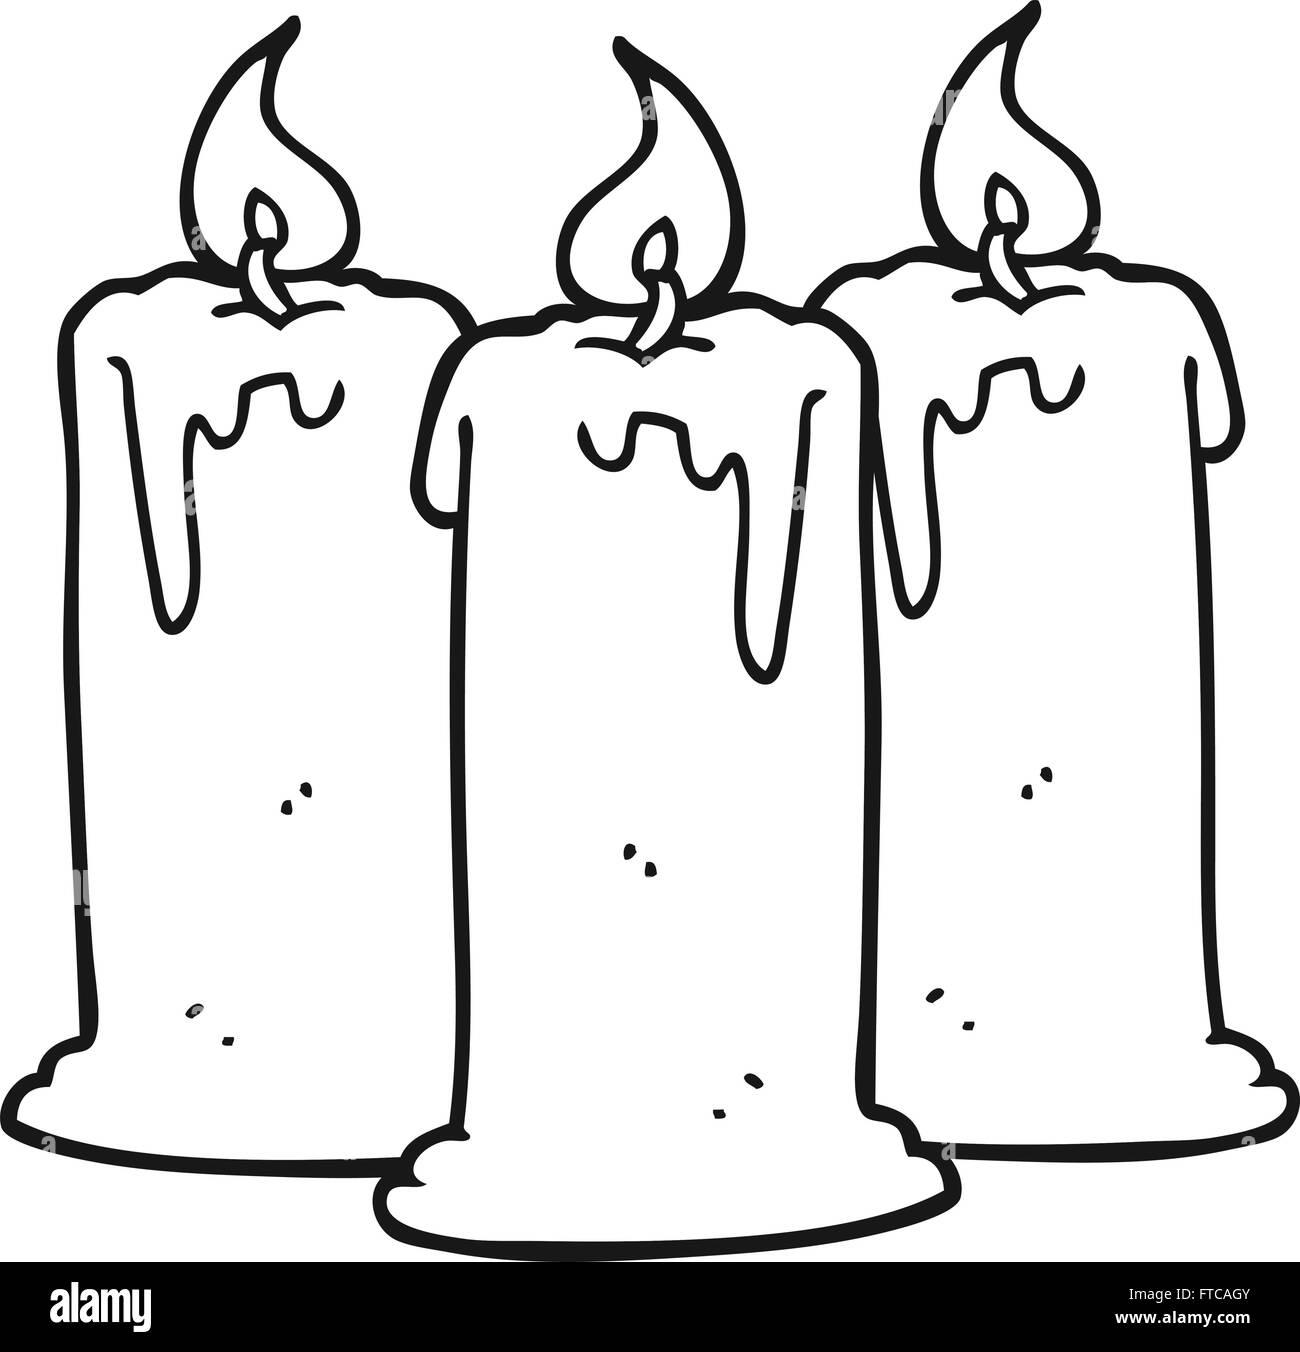 Blanco Y Negro Dibujado A Mano Alzada Cartoon Quemando Velas